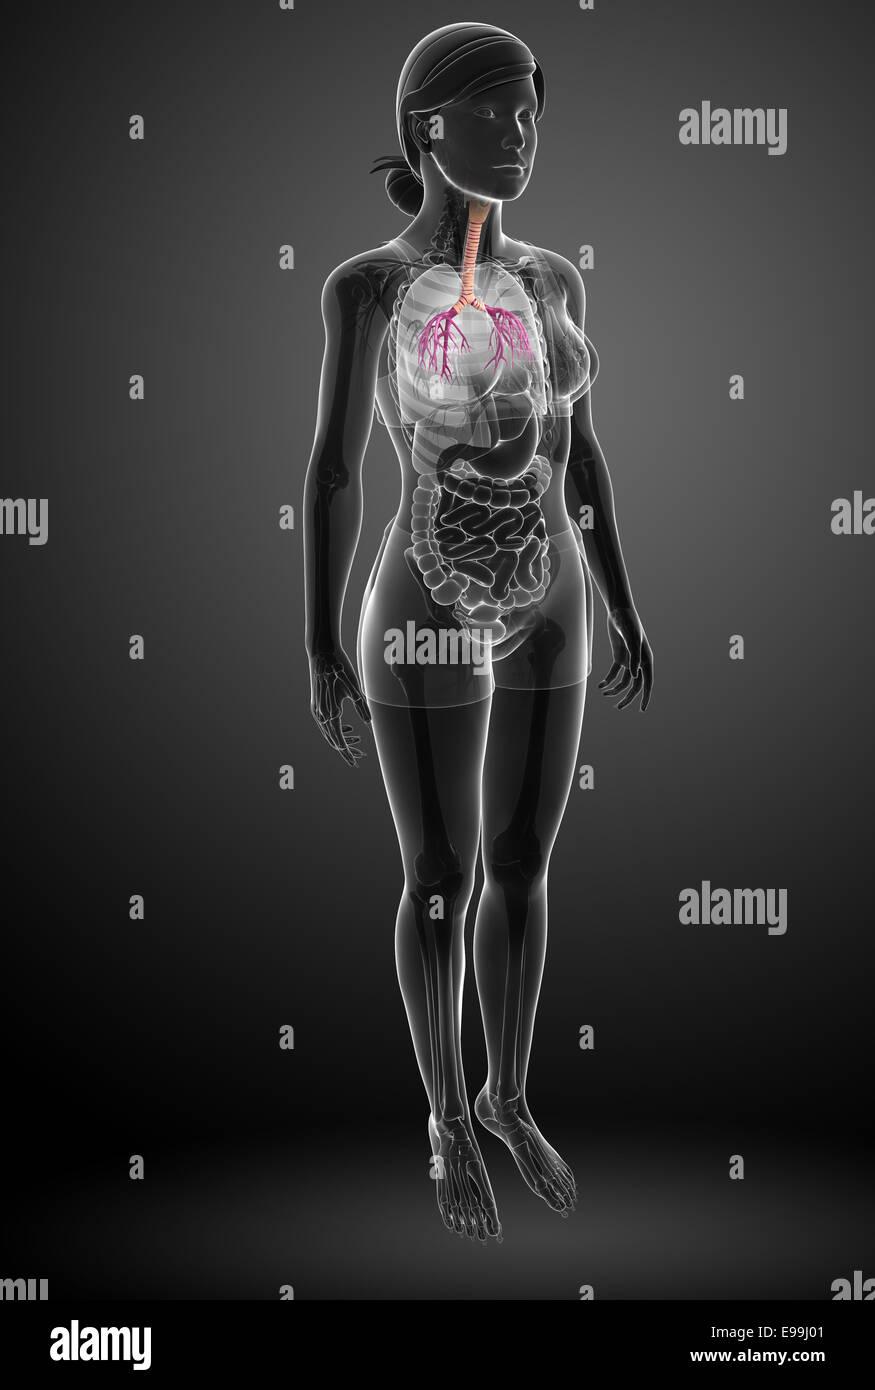 Lujo Anatomía De La Garganta Femenina Adorno - Imágenes de Anatomía ...